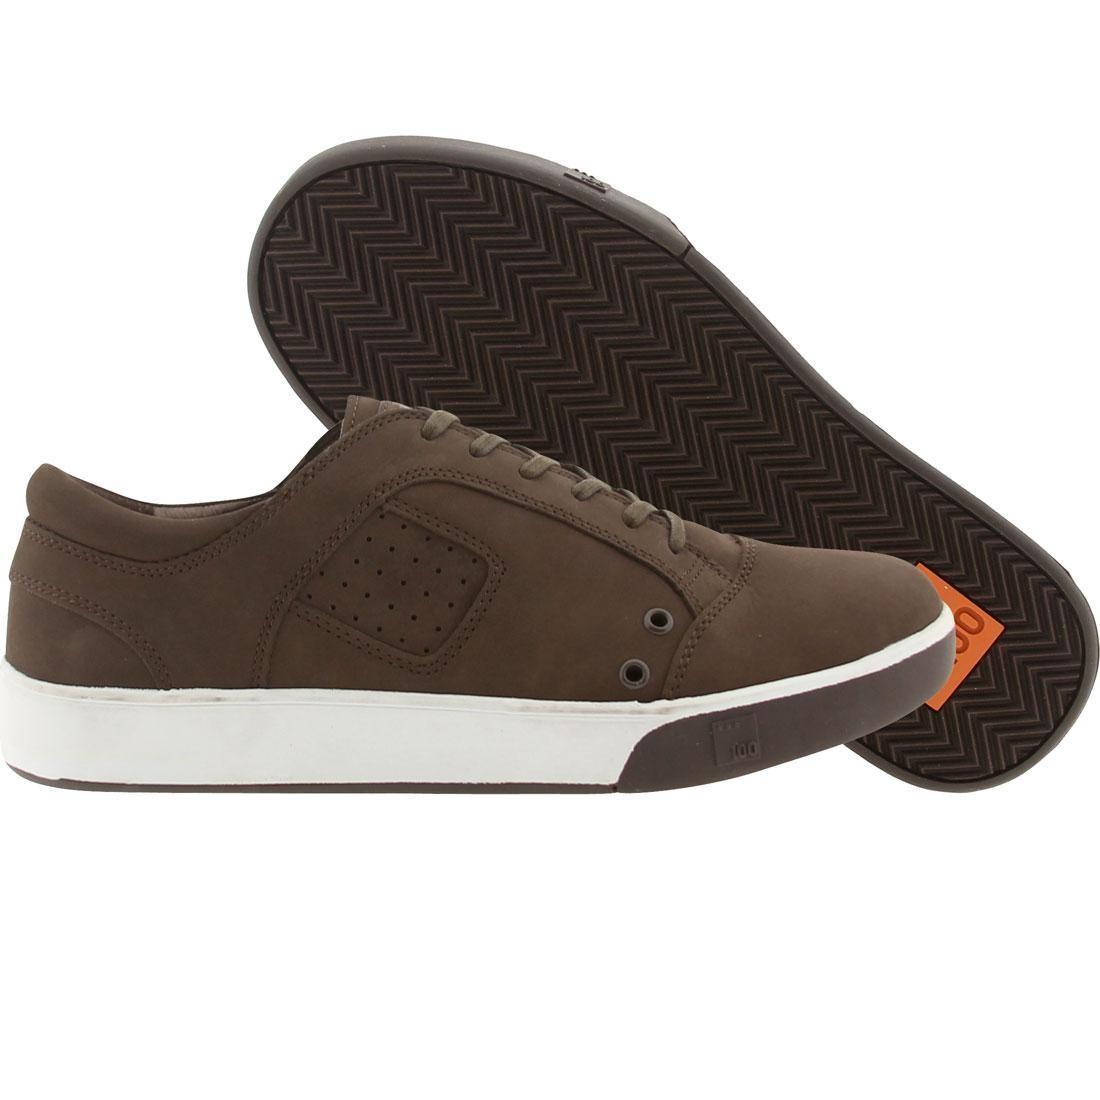 【海外限定】メンズ靴 靴 【 100 STYLES AND RUNNING DYLAN CHOCOLATE BROWN 】